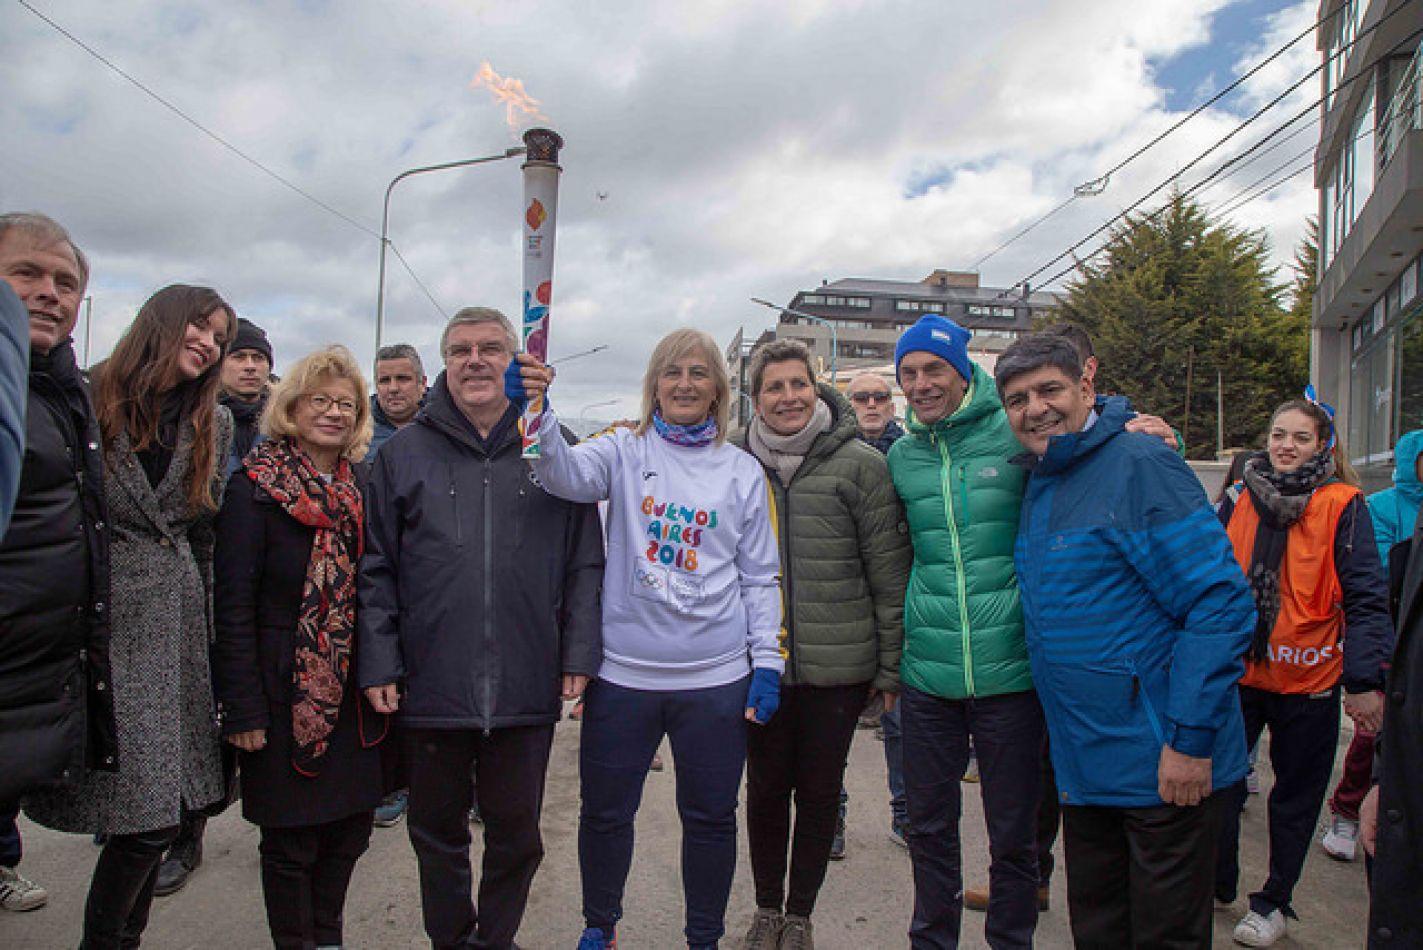 La Antorcha Olímpica de los Juegos de la Juventud Buenos Aires 2018 llegó a Ushuaia